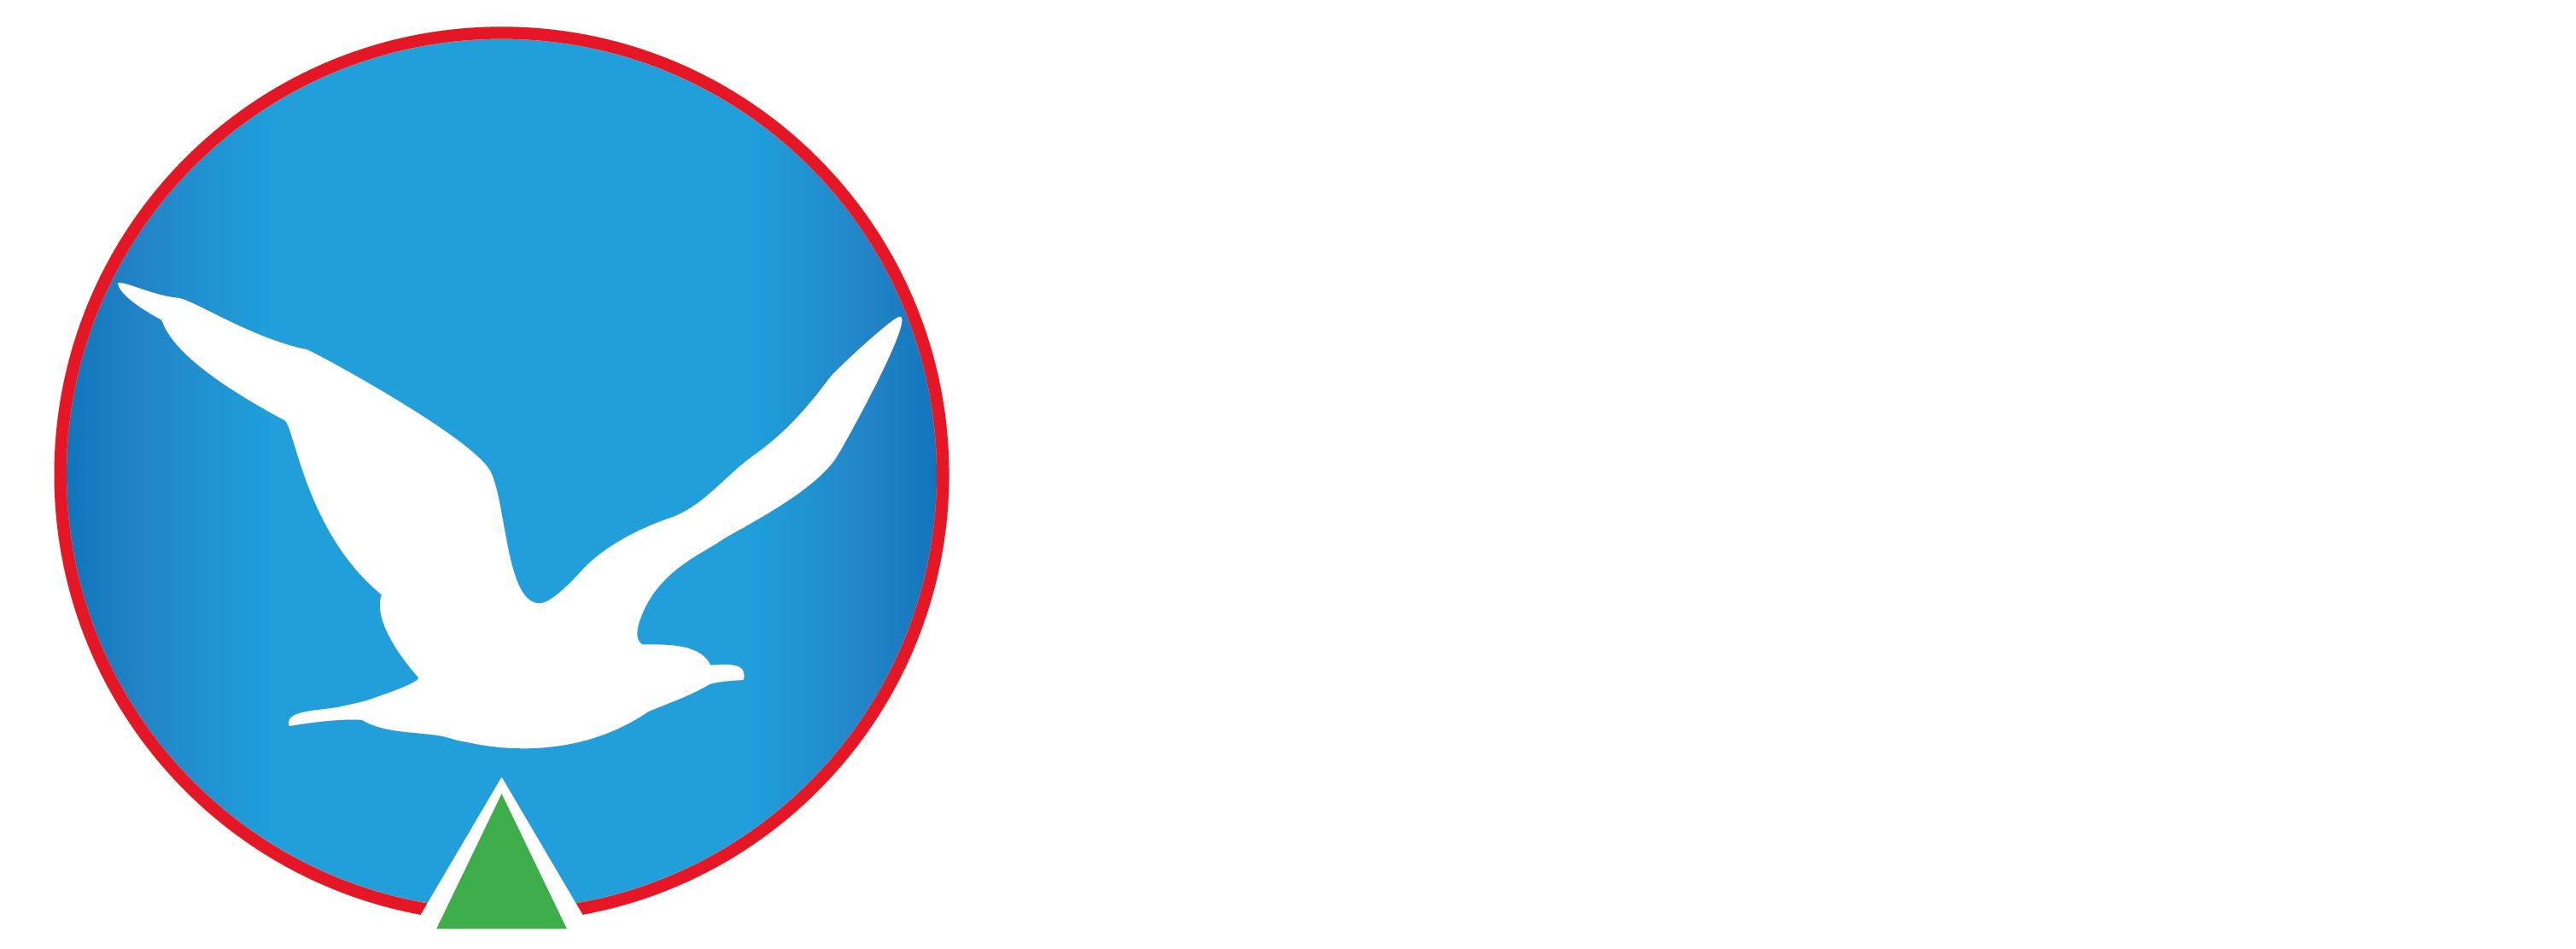 Sarıyer Gözlem - Sarıyer Haberleri - Türkiye Gündemi